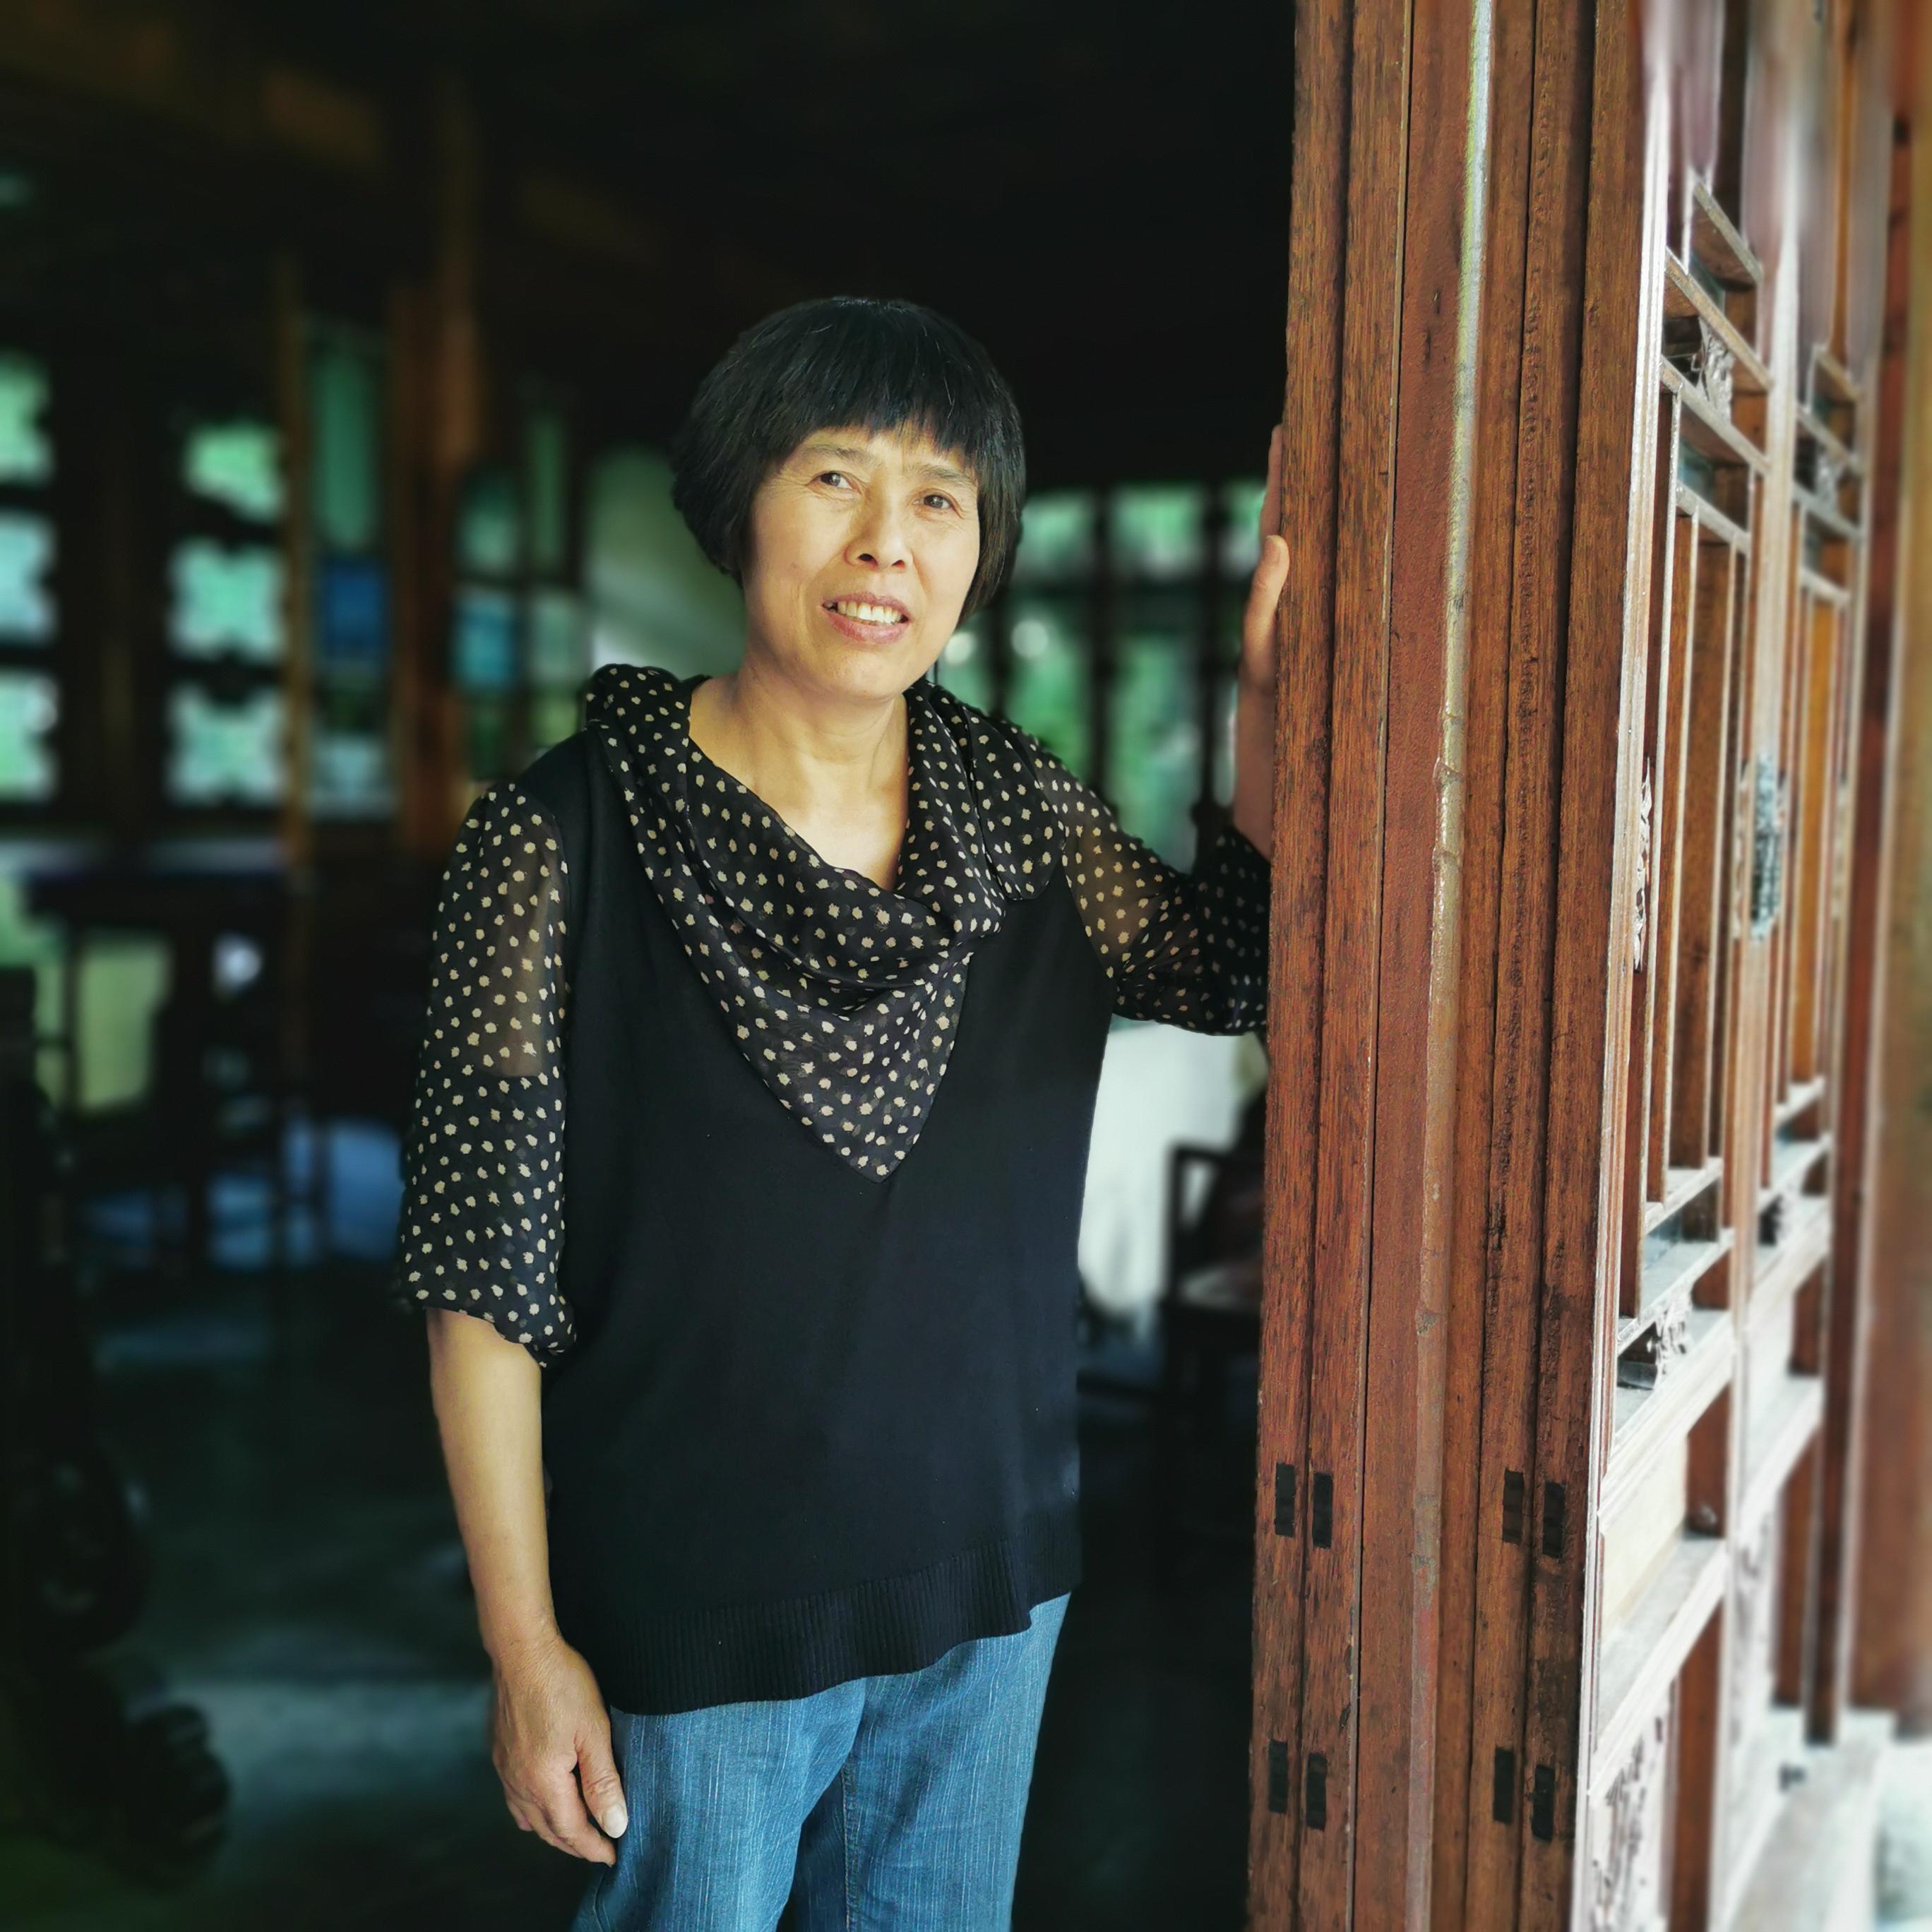 kínai nő találkozója párizsban